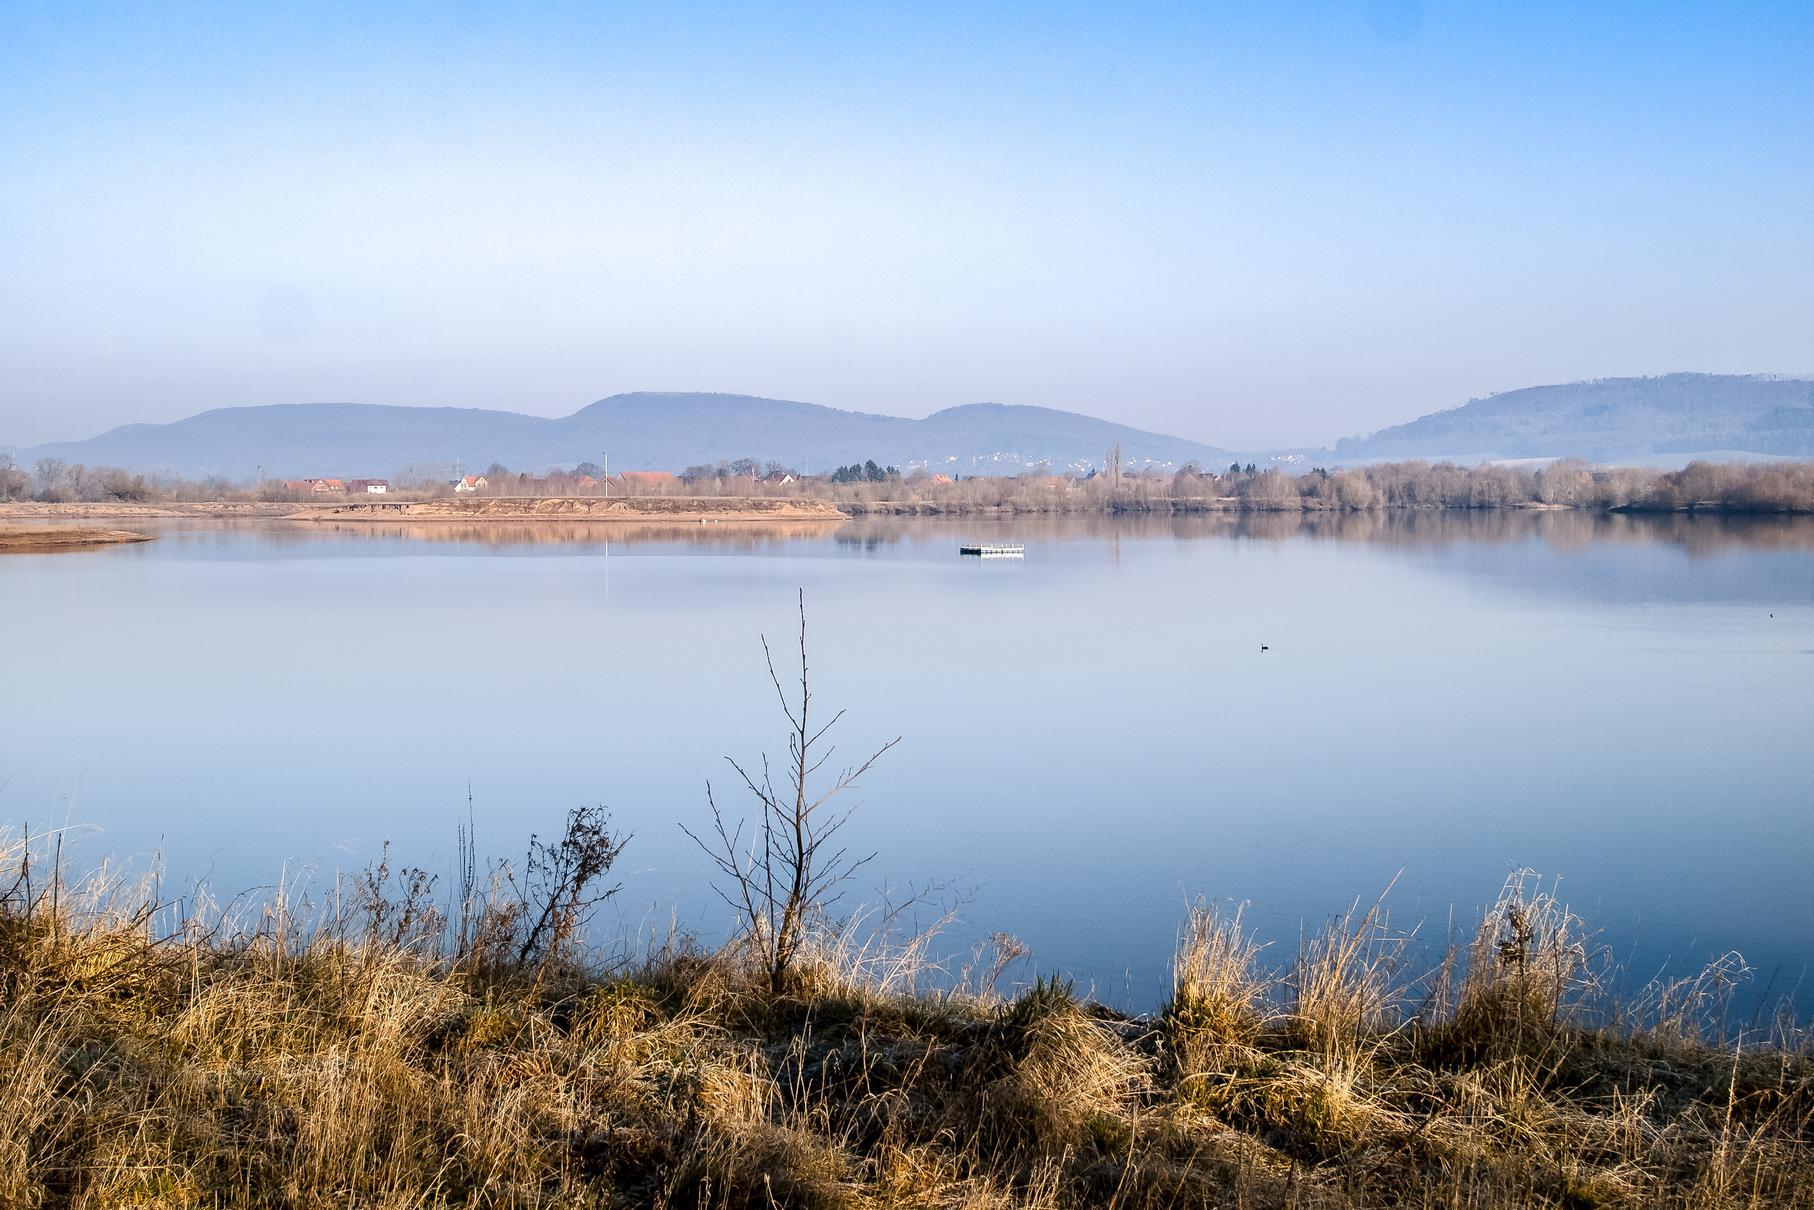 Der westliche Teich mit dem Flussseeschwalbenfloß und dem Fischadlerhorst.